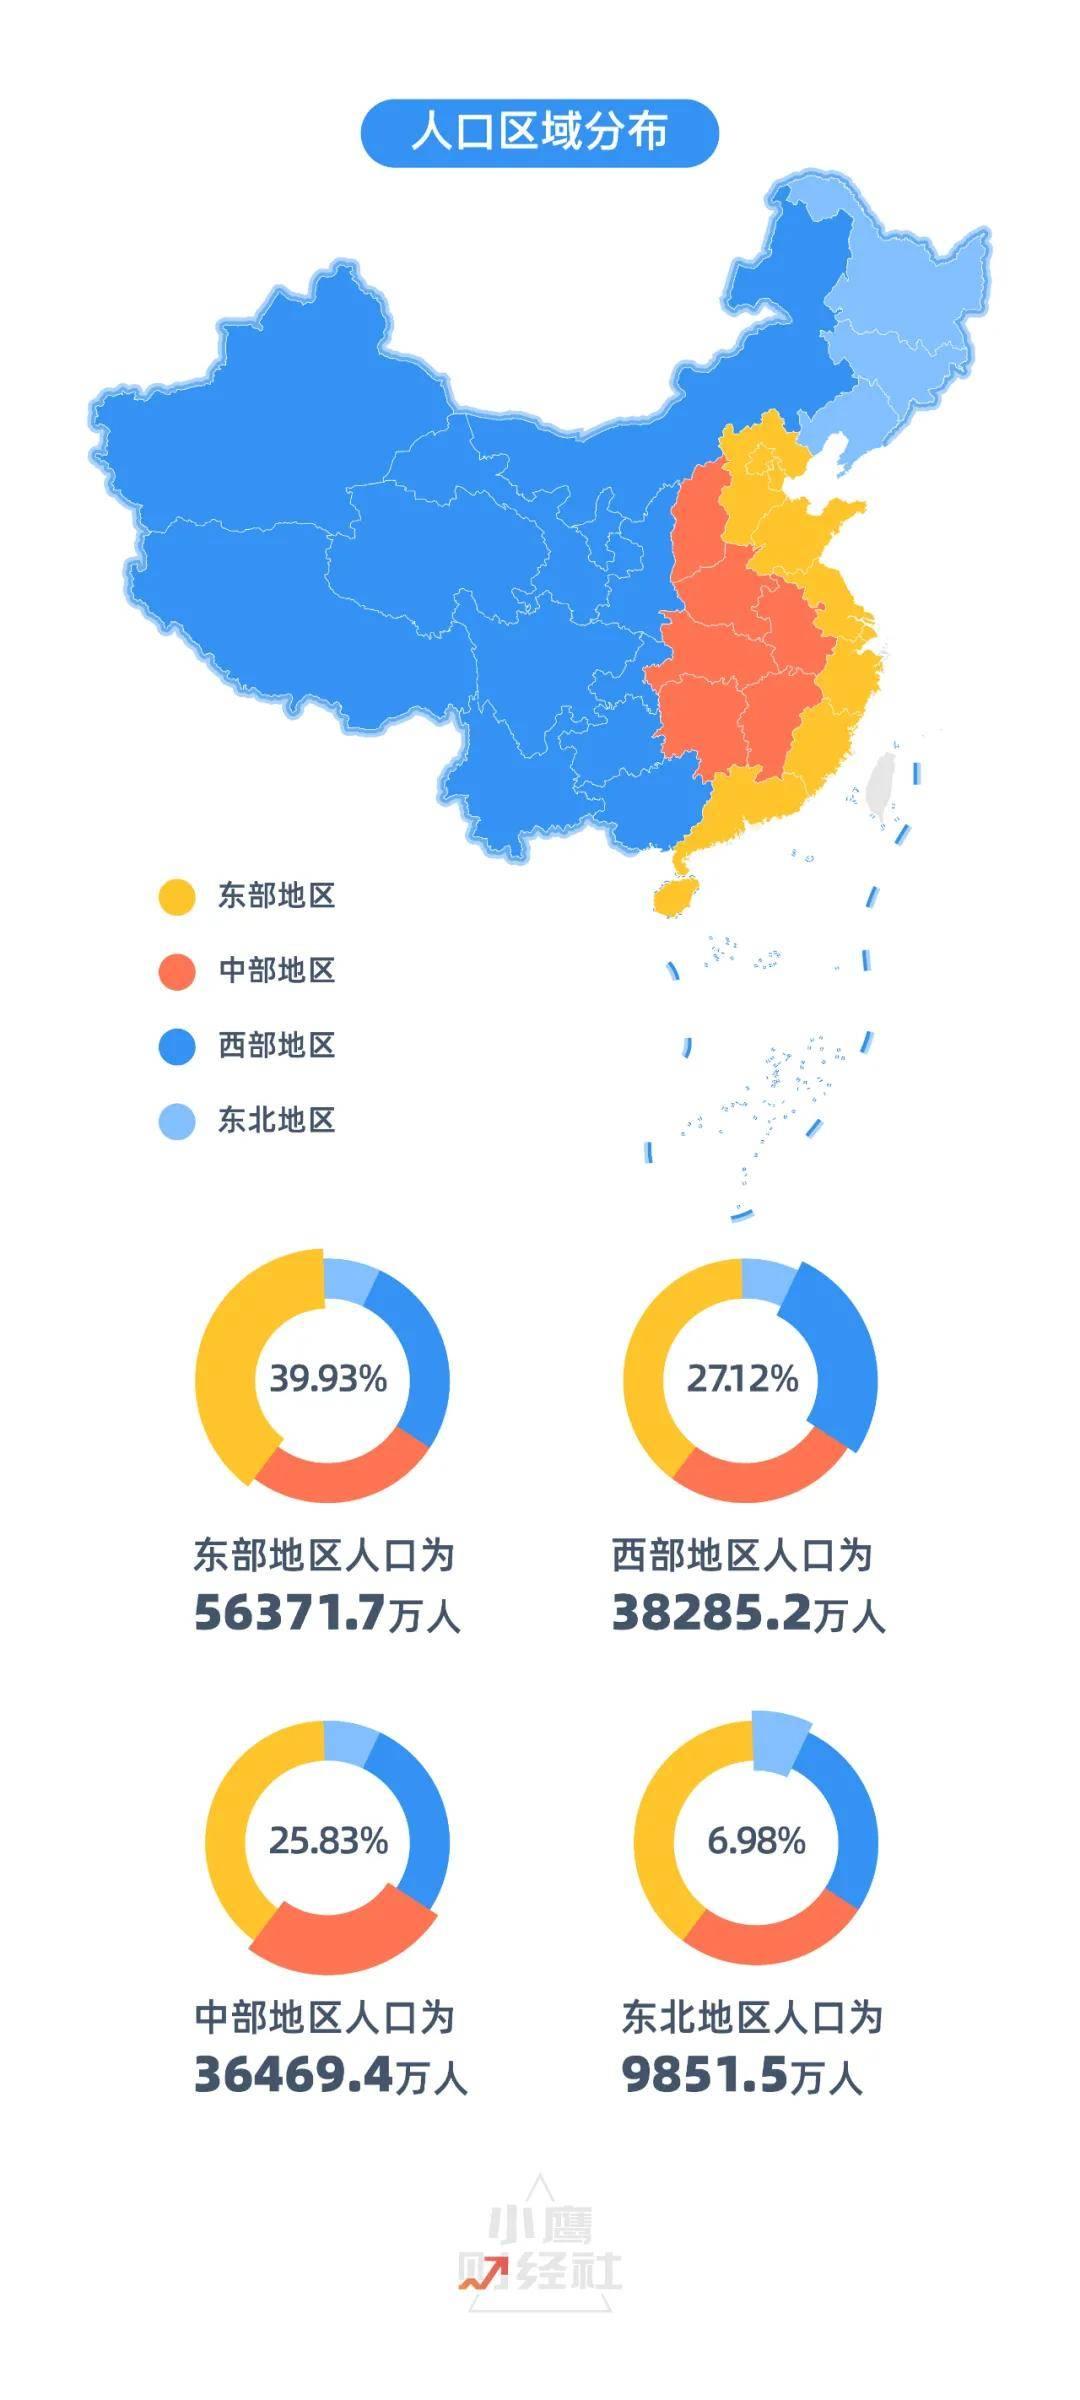 全国人口数据_晋中市第七次全国人口普查数据来了!祁县人口数为.